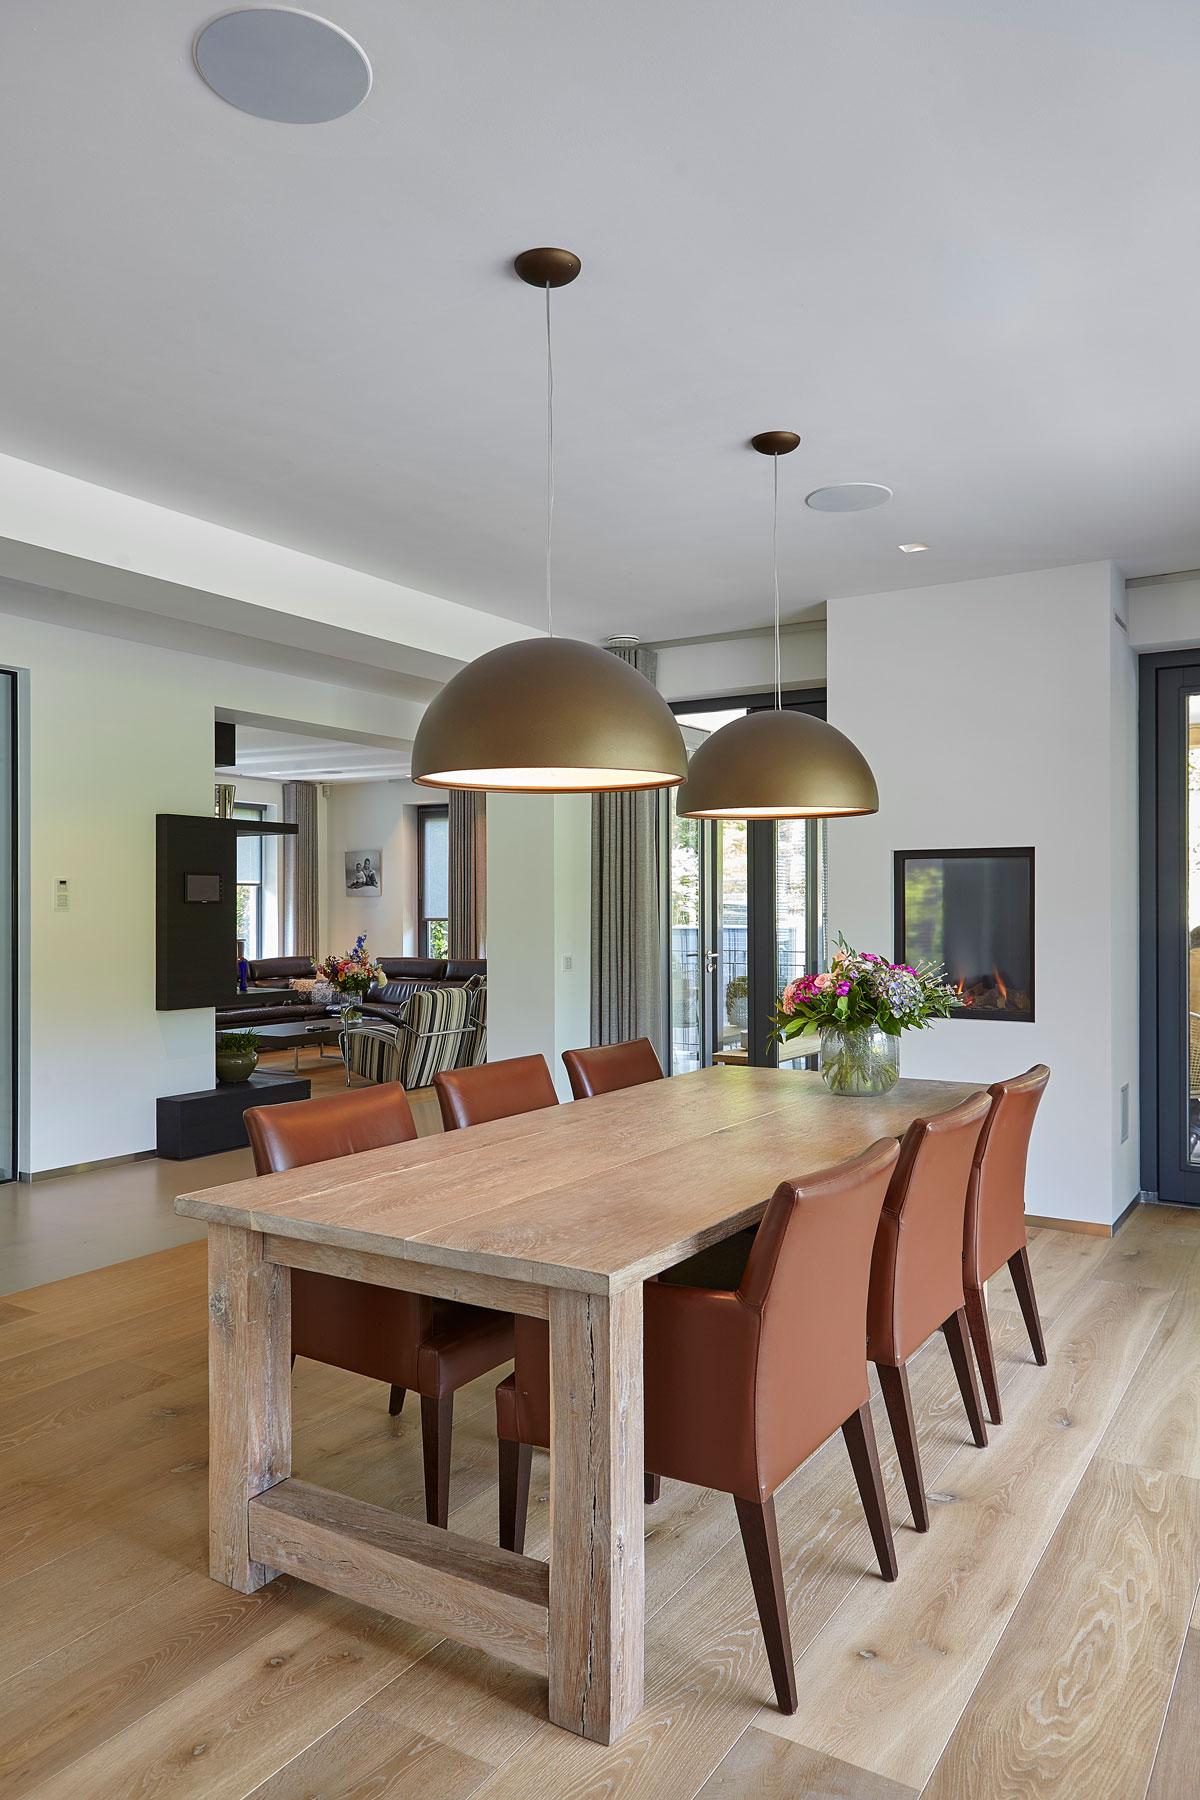 Eettafel met verlichting van Lichtstudio Kwadraat, houten vloer, haard, domotica van JNV, inspirerende villa, Wolfs Architecten